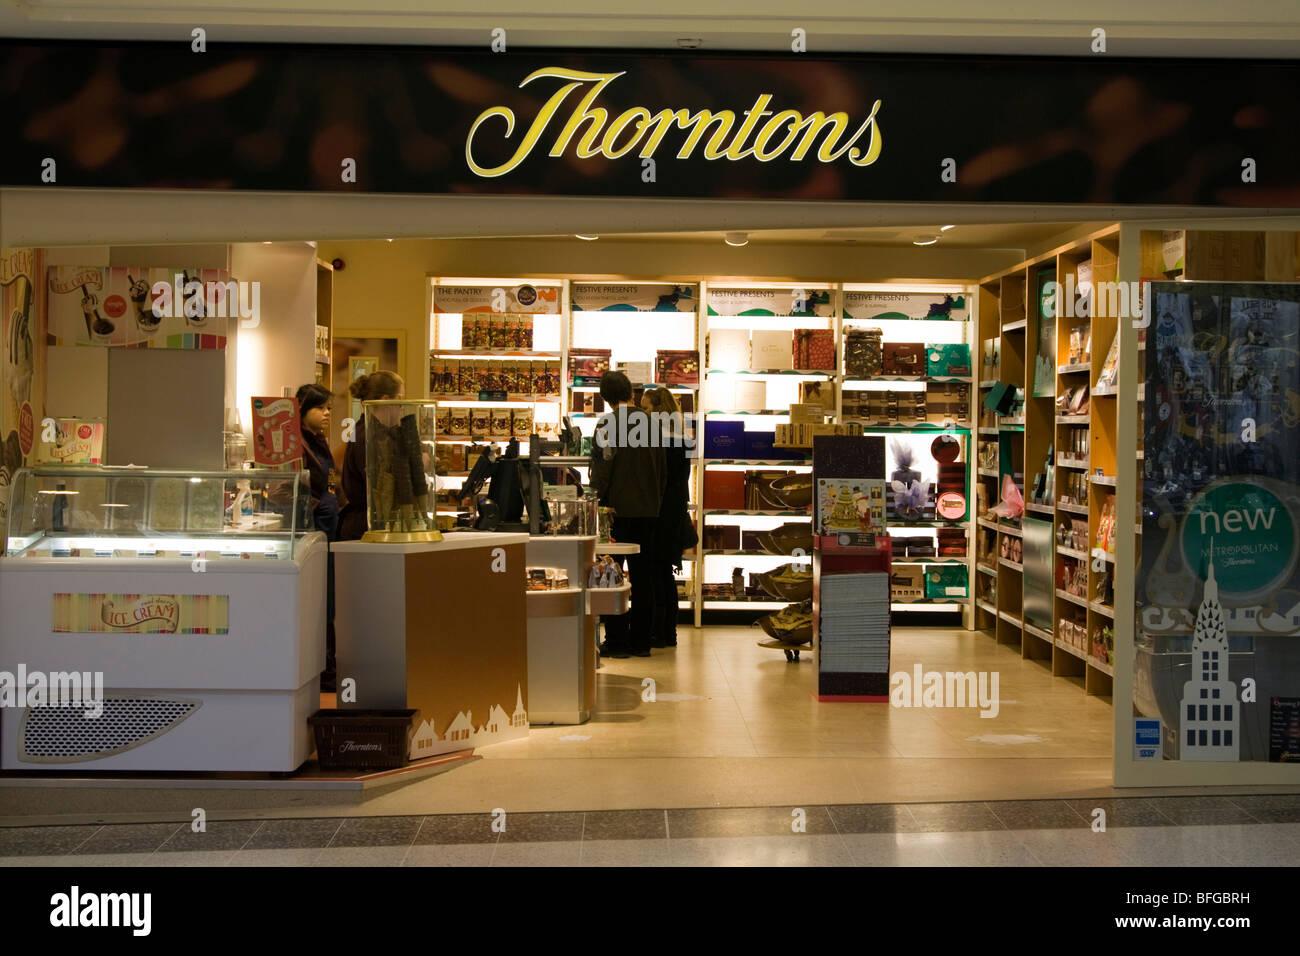 Thorntons chocolate shop Aylesbury Buckinghamshire - Stock Image